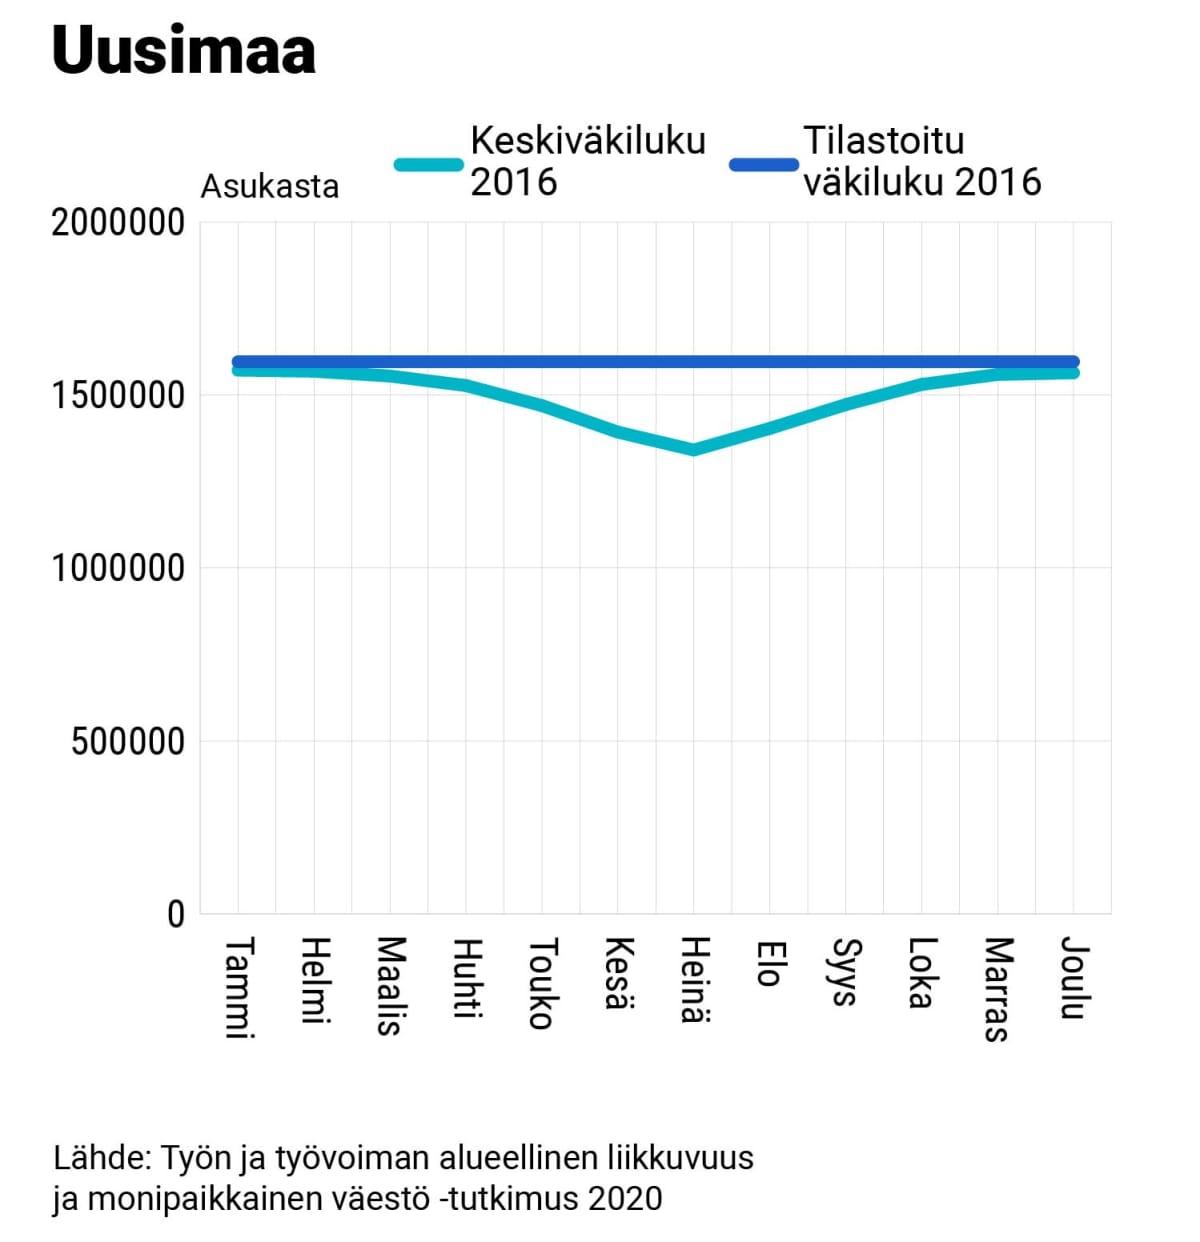 Uudenmaan keskiväkiluku ja tilastoitu väkiluku, 2016